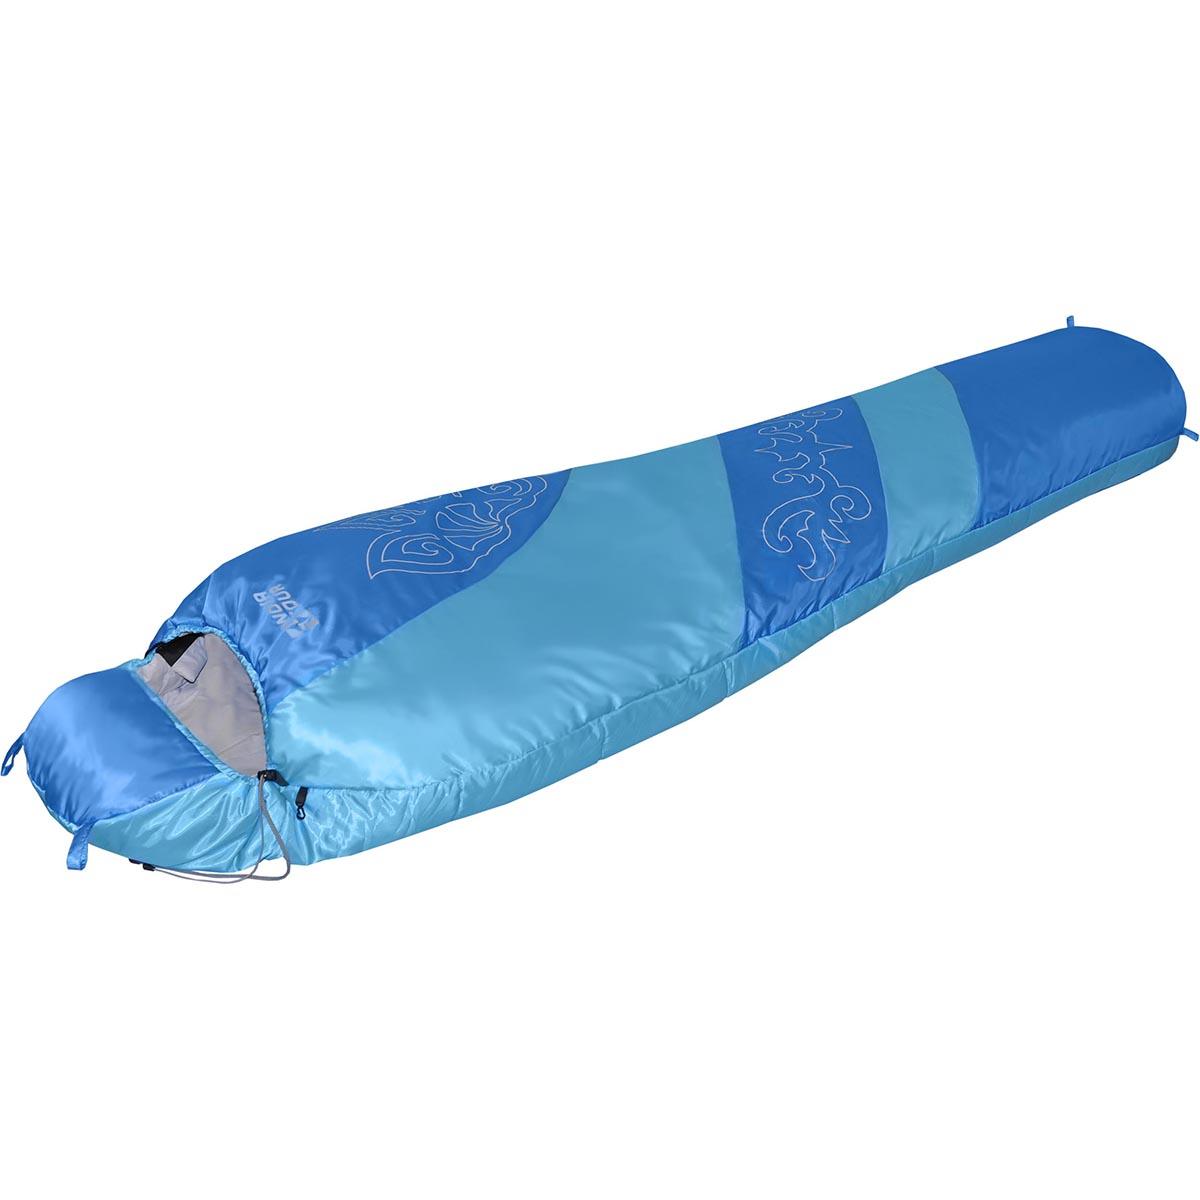 Мешок NOVA TOUR Сахалин 0 V2, цвет: голубой, синий, белый, правосторонняя молния95424-426-RightДемисезонный спальный мешок NOVA TOUR Сахалин 0 V2 имеет конструкцию кокон. Наполнитель выполнен из синтетического наполнителя - холлофайбера. Мешок оснащен утягивающимся капюшоном и двухзамковой утепленной молнией, позволяющей состегнуть левосторонний и правосторонний спальные мешки в один двойной. Компрессионный чехол в комплекте.Компрессионный чехол в комплекте.Длина мешка: 220 см.